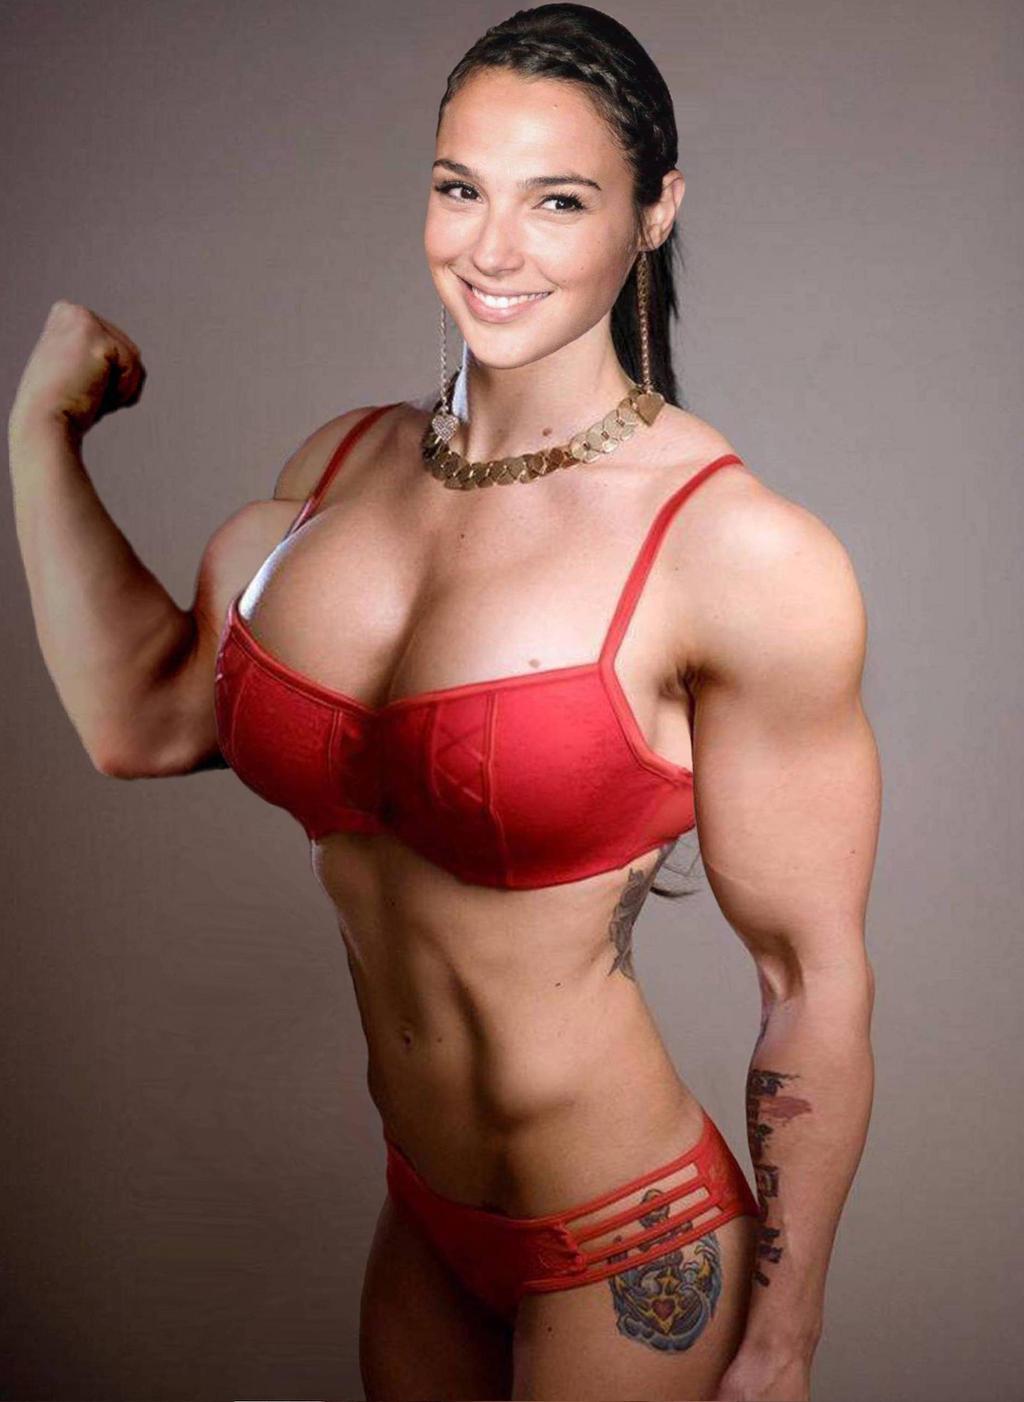 Beautiful Mature Muscles 45